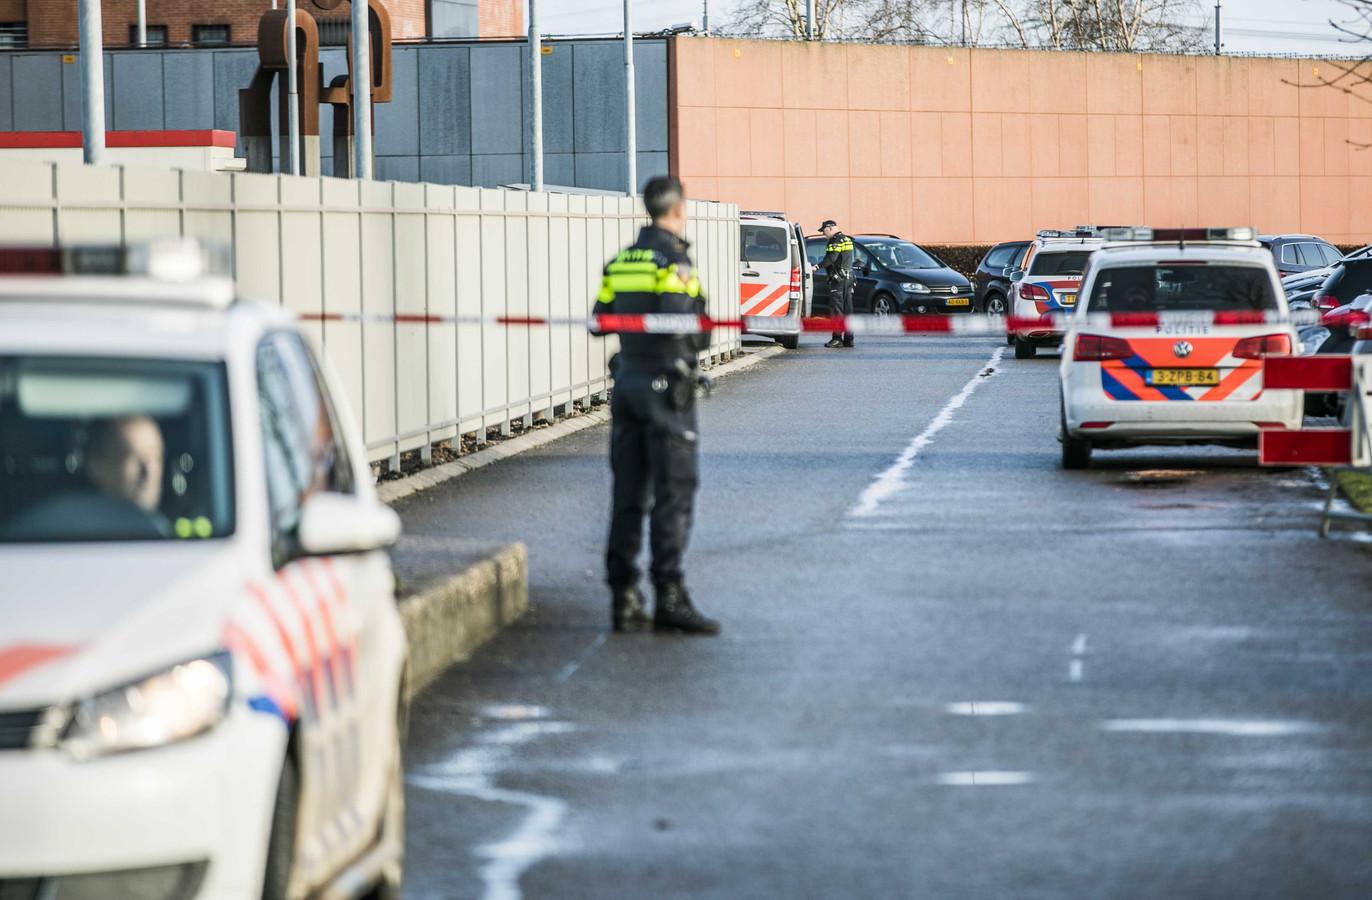 Niemand mocht na de verijdelde ontsnappingspoging in de buurt komen van de Zutphense Ooyerhoek-gevangenis. Er ging een streep door het bezoekuur.